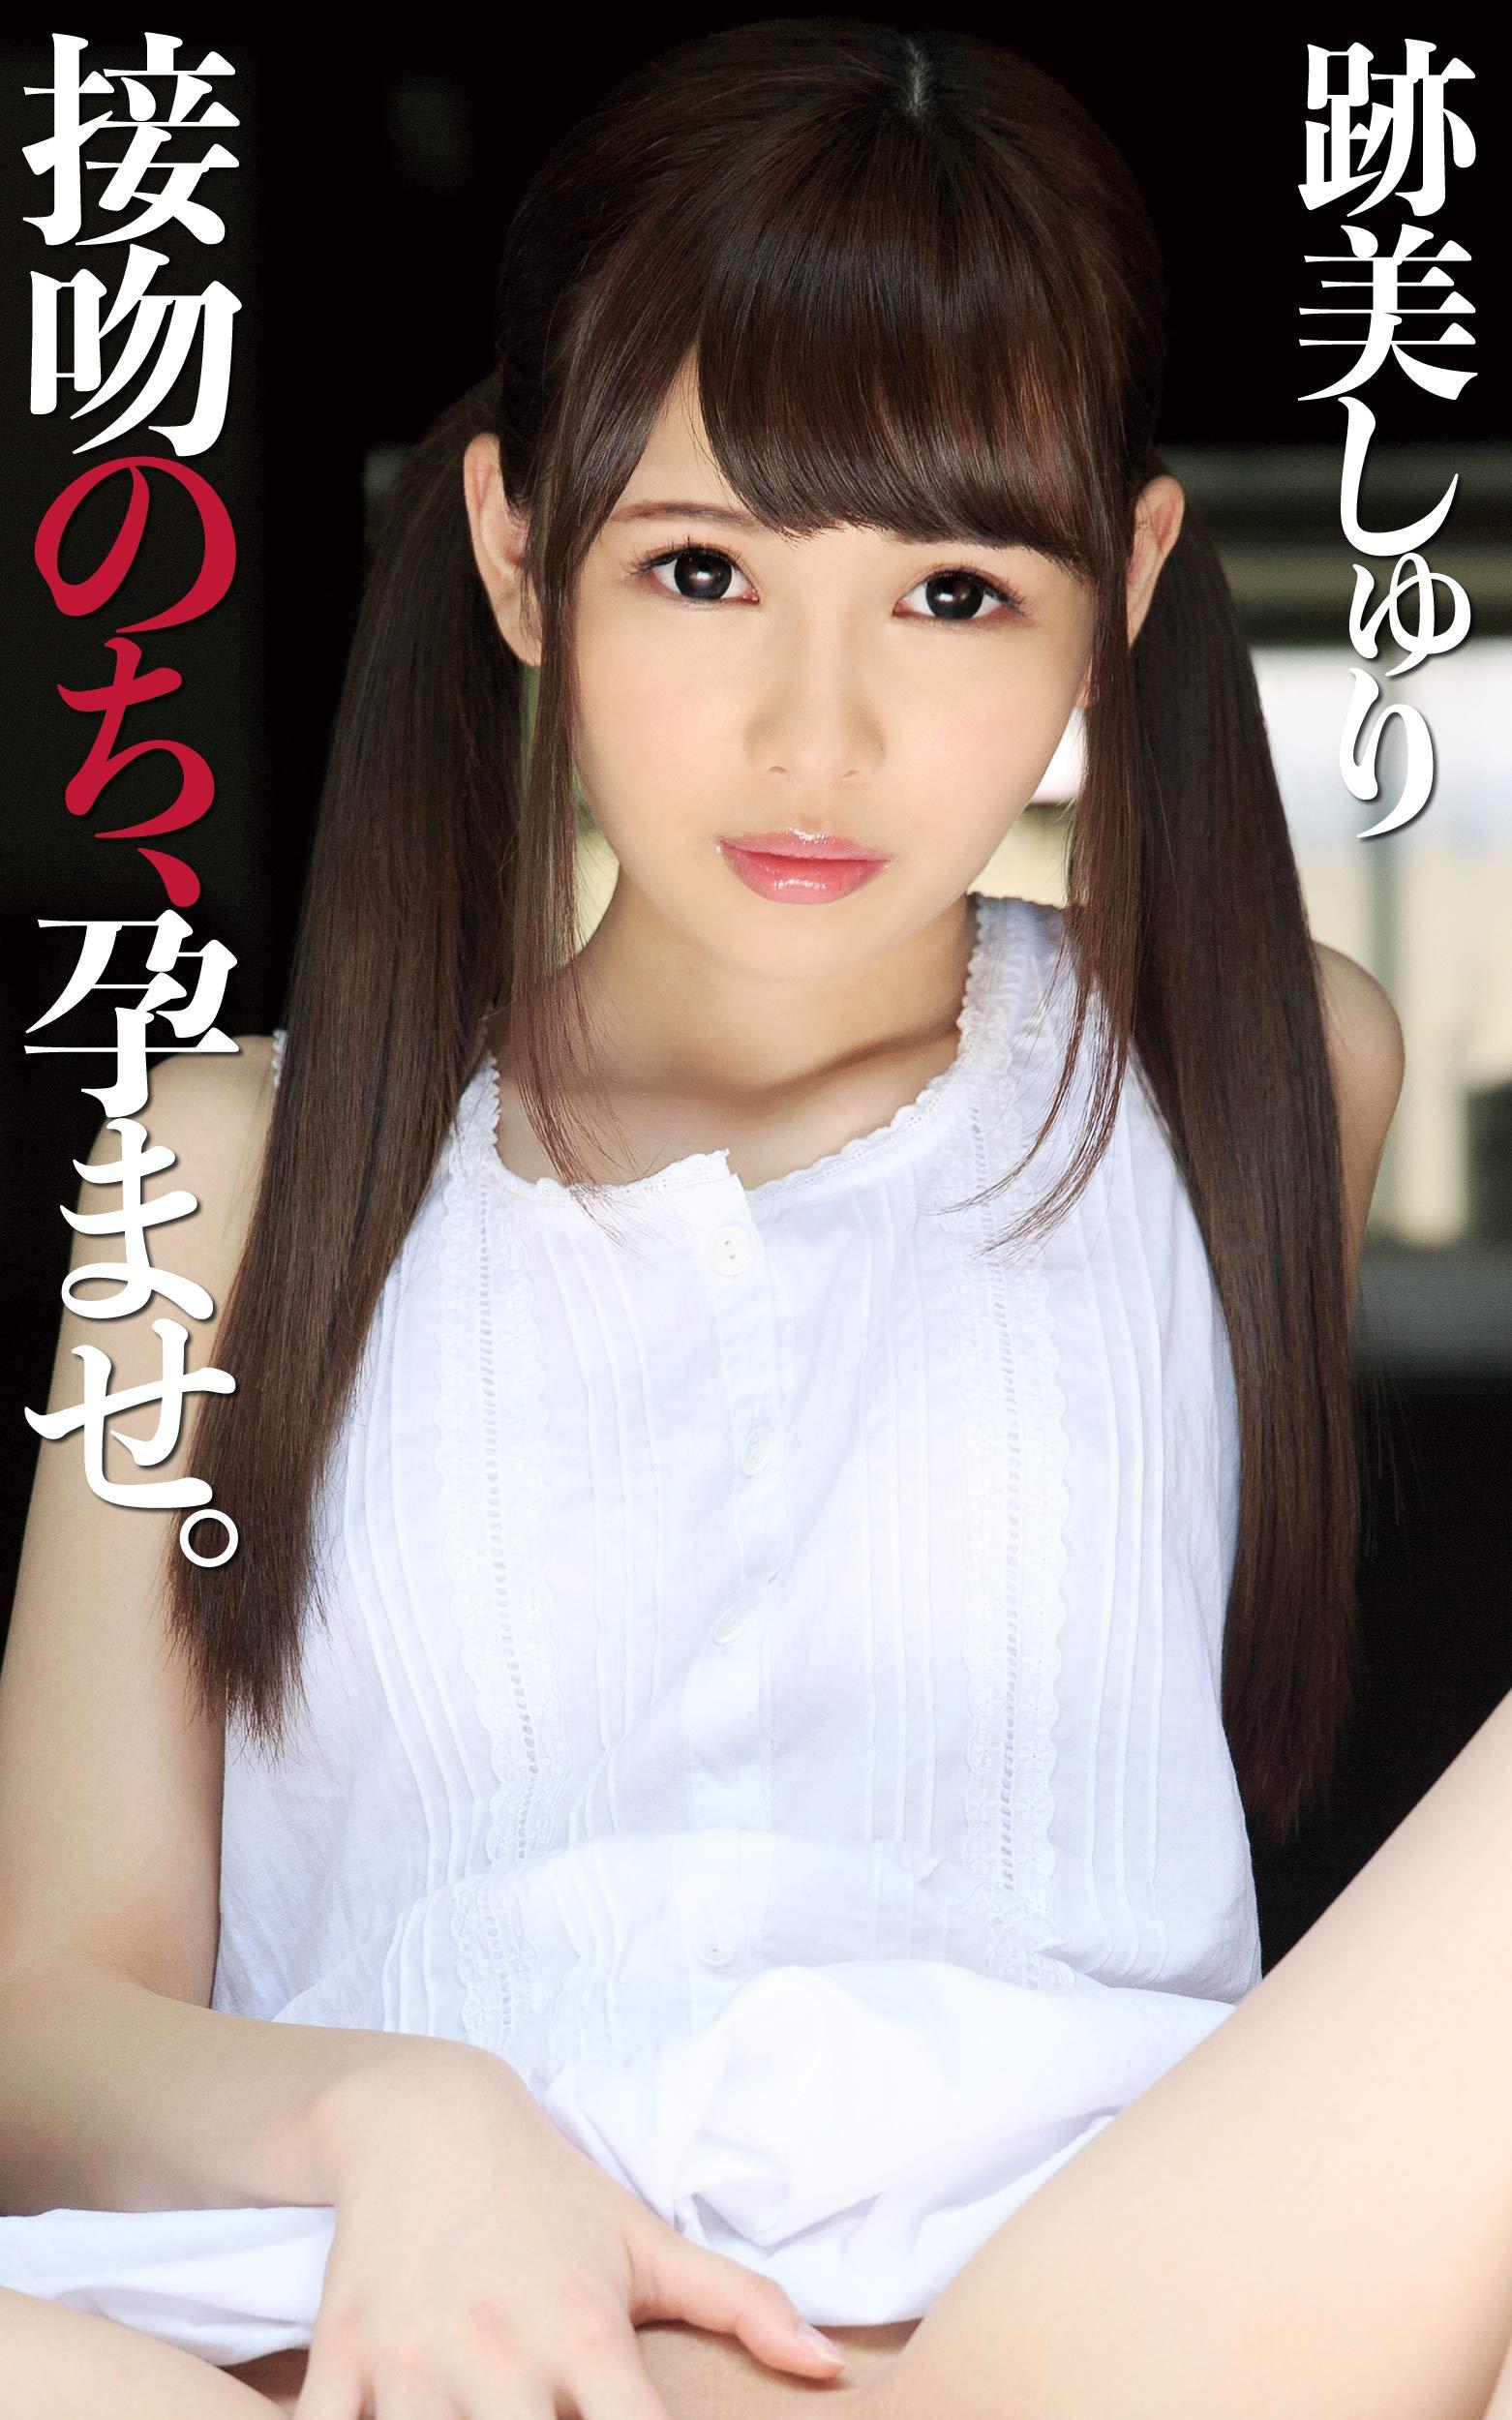 Kiss Cream Pie Syuri Atomi  Japanese Edition